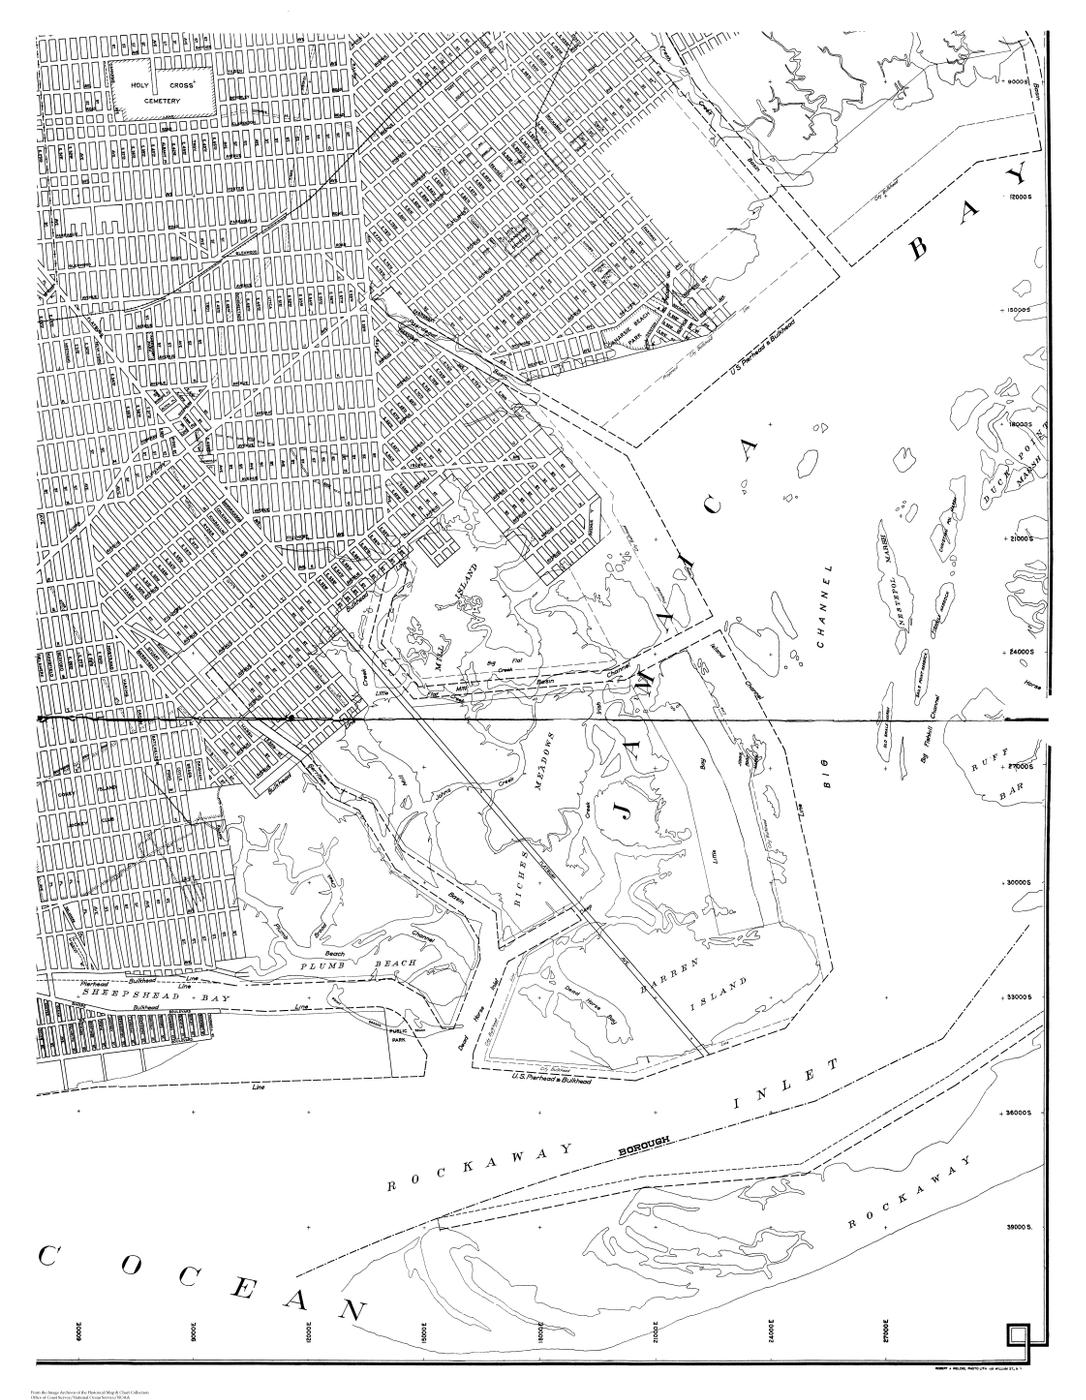 [map] [brooklyn] [new york] JB